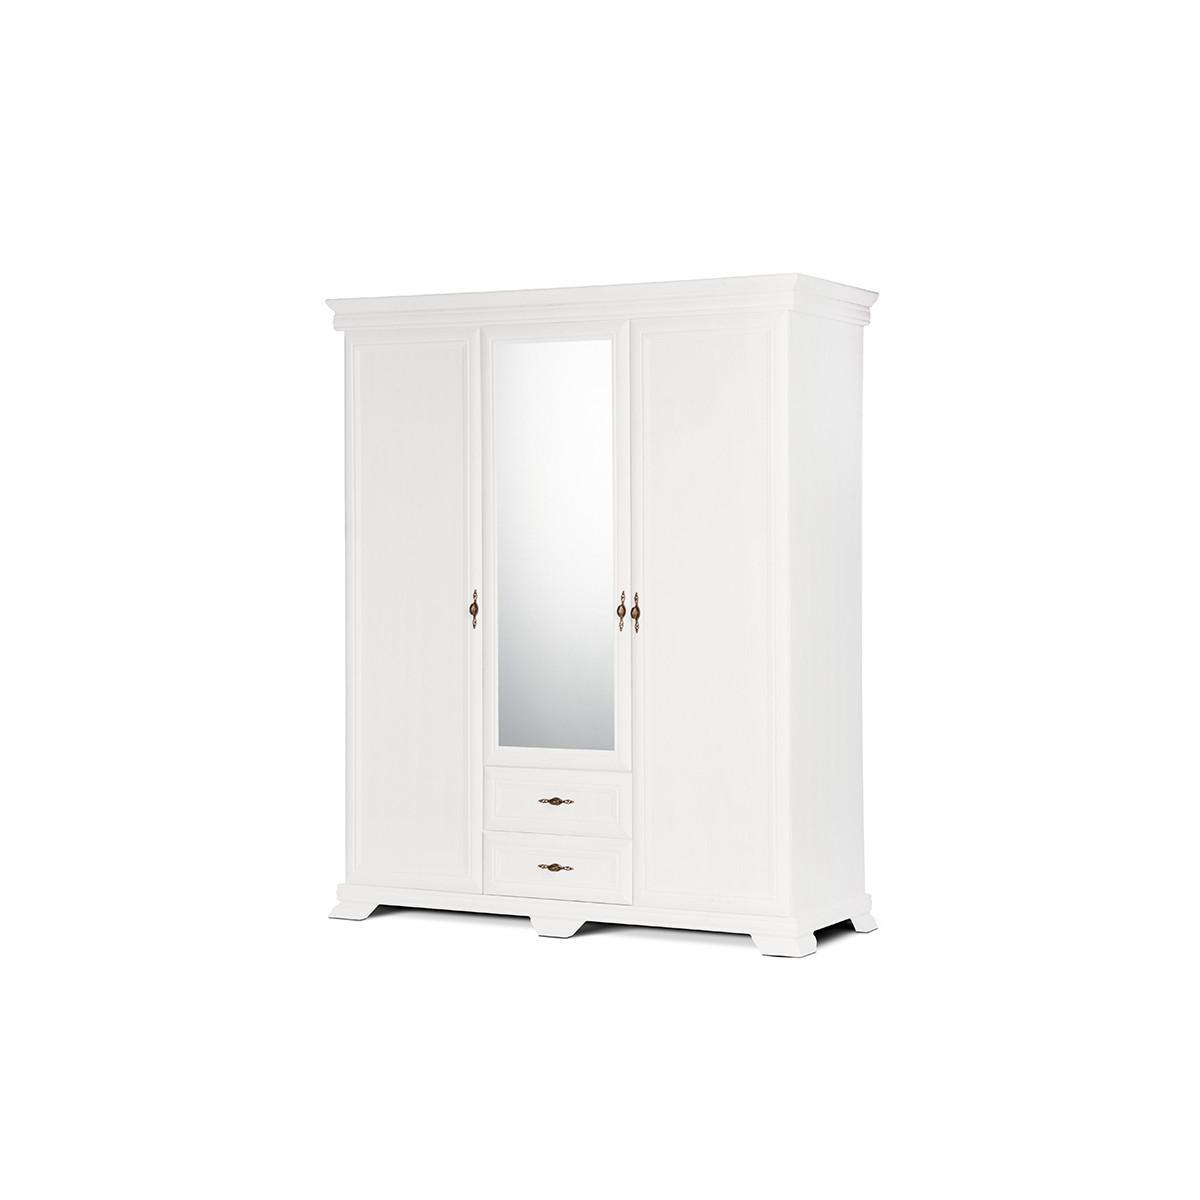 Hucoco IMPERIO   Grande armoire style classique chambre/dressing   158x193x62 cm   3 portes + grand miroir   Penderie rangement